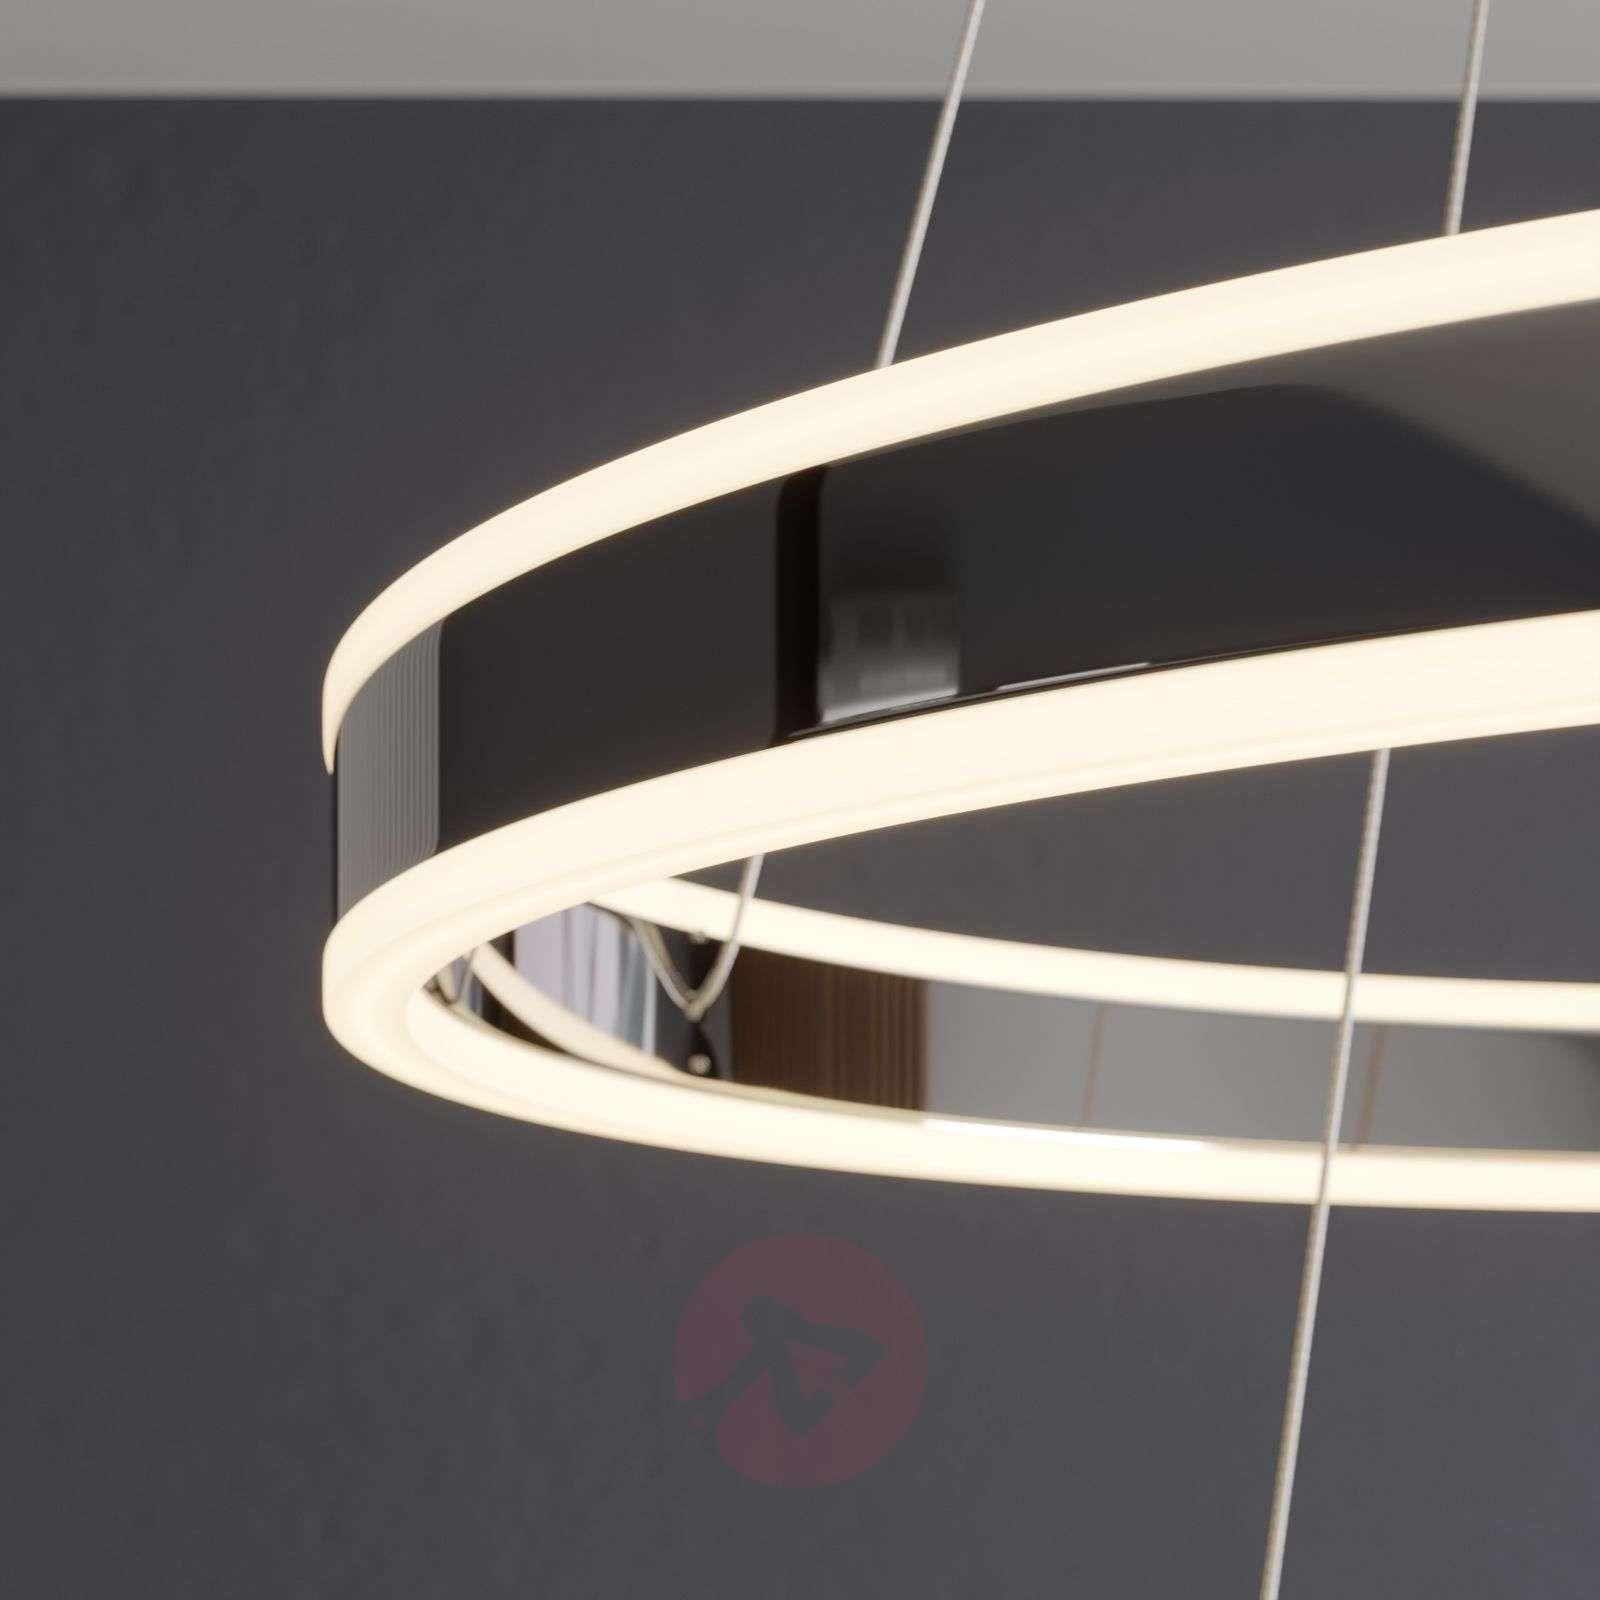 LED-riippuvalaisin Lyani, 2 rengasta allekkain-9621978-02